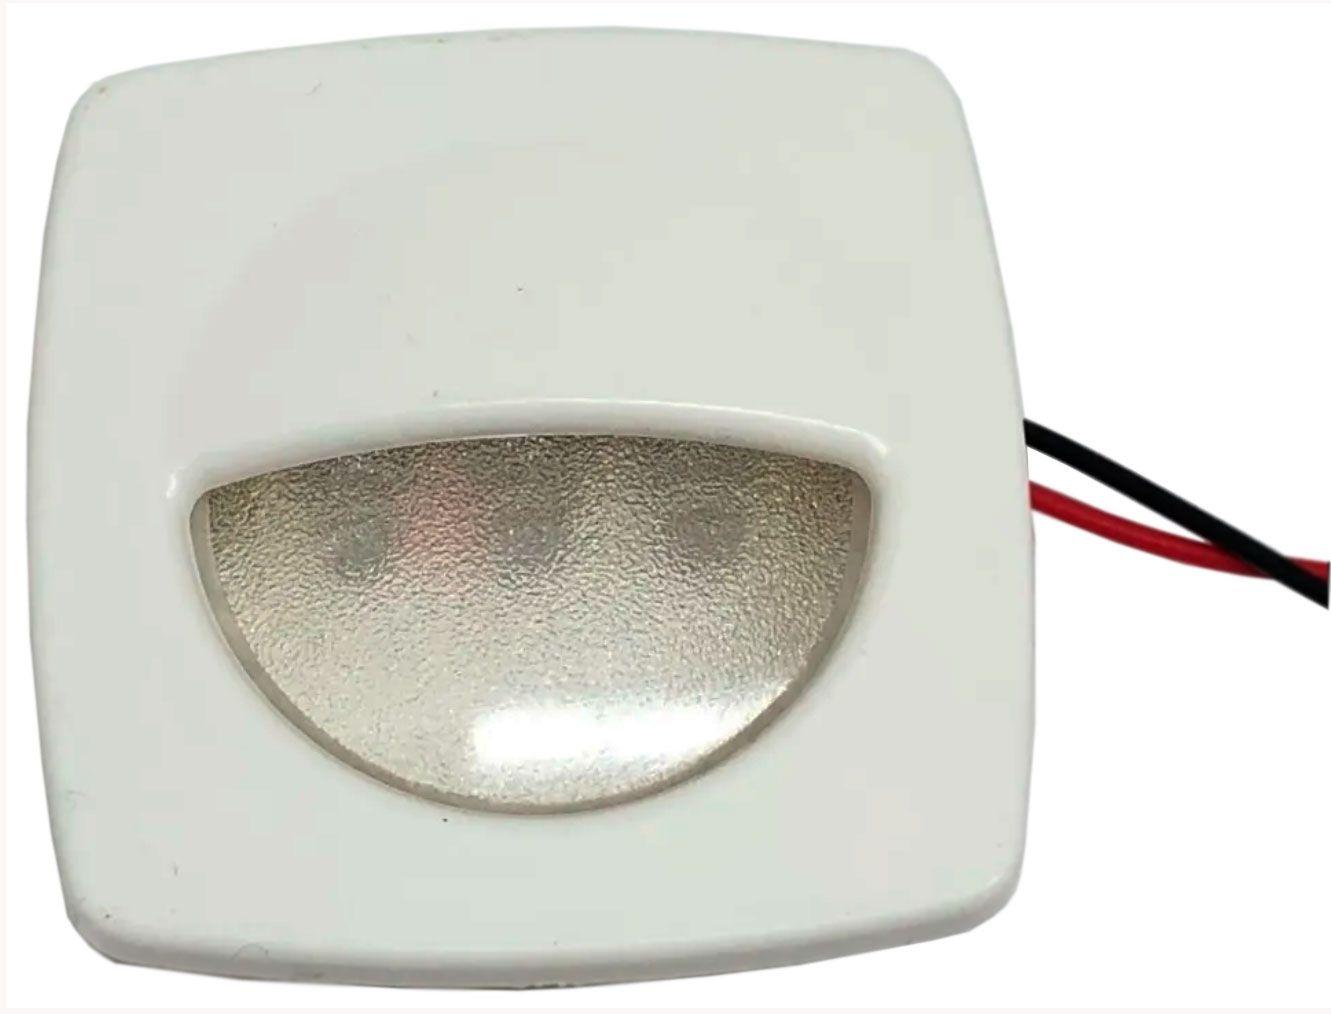 Luz de Cortesia Extra Forte com 3 LEDs 12V de Sobrepor em Plástico Branco p/ Barcos e Lanchas